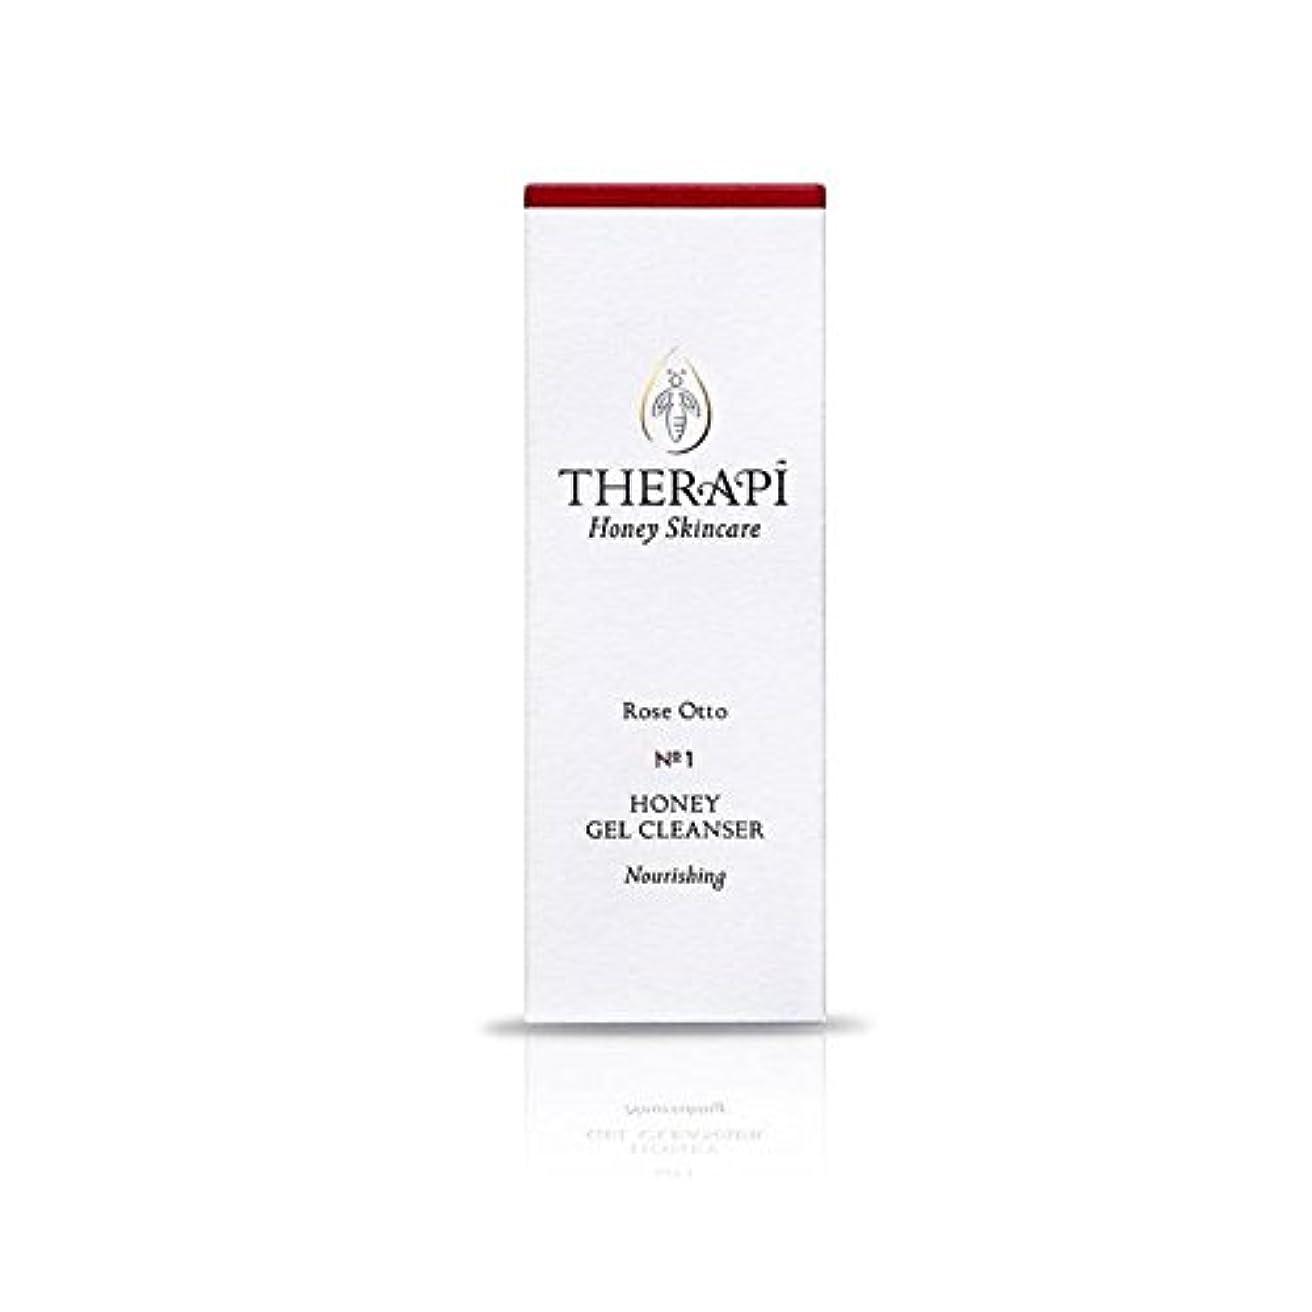 一見スペース偏見蜂蜜ゲルクレンザーの100ミリリットルをオットーローズ (Therapi) (x 4) - Therapi Rose Otto Honey Gel Cleanser 100ml (Pack of 4) [並行輸入品]